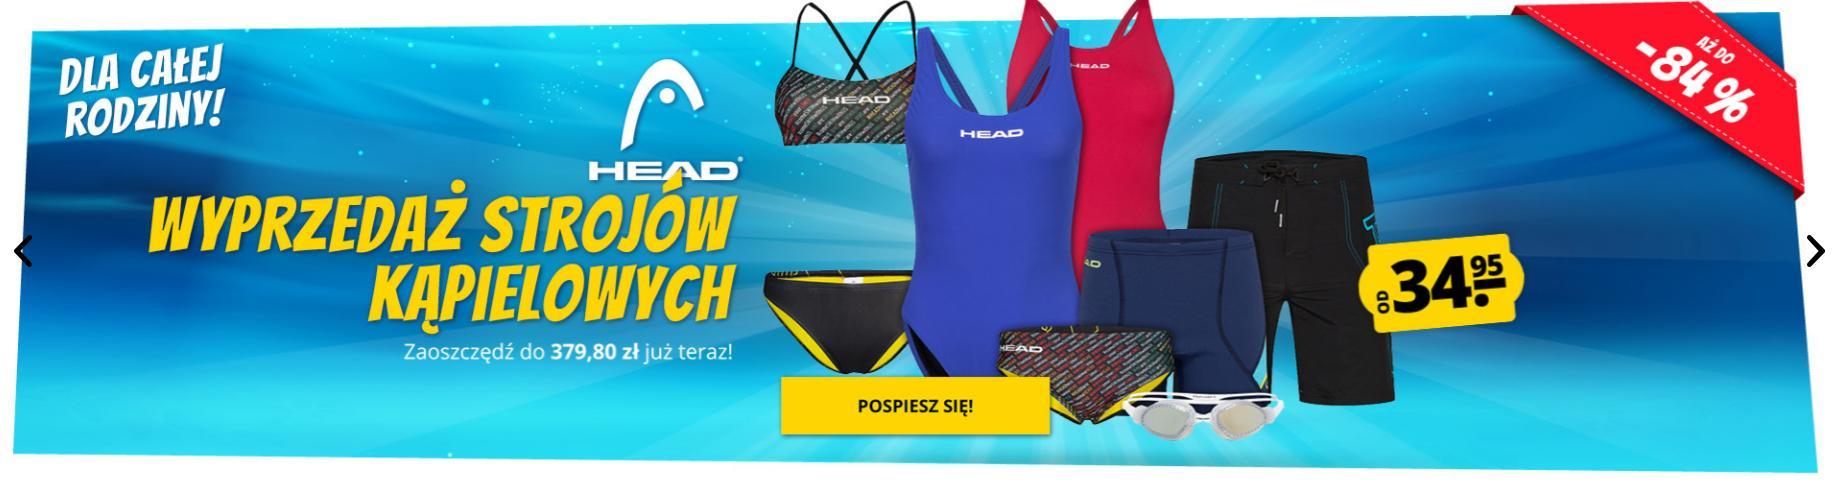 Sport Rabat: wyprzedaż do 84% zniżki na stroje kąpielowe dla całej rodziny